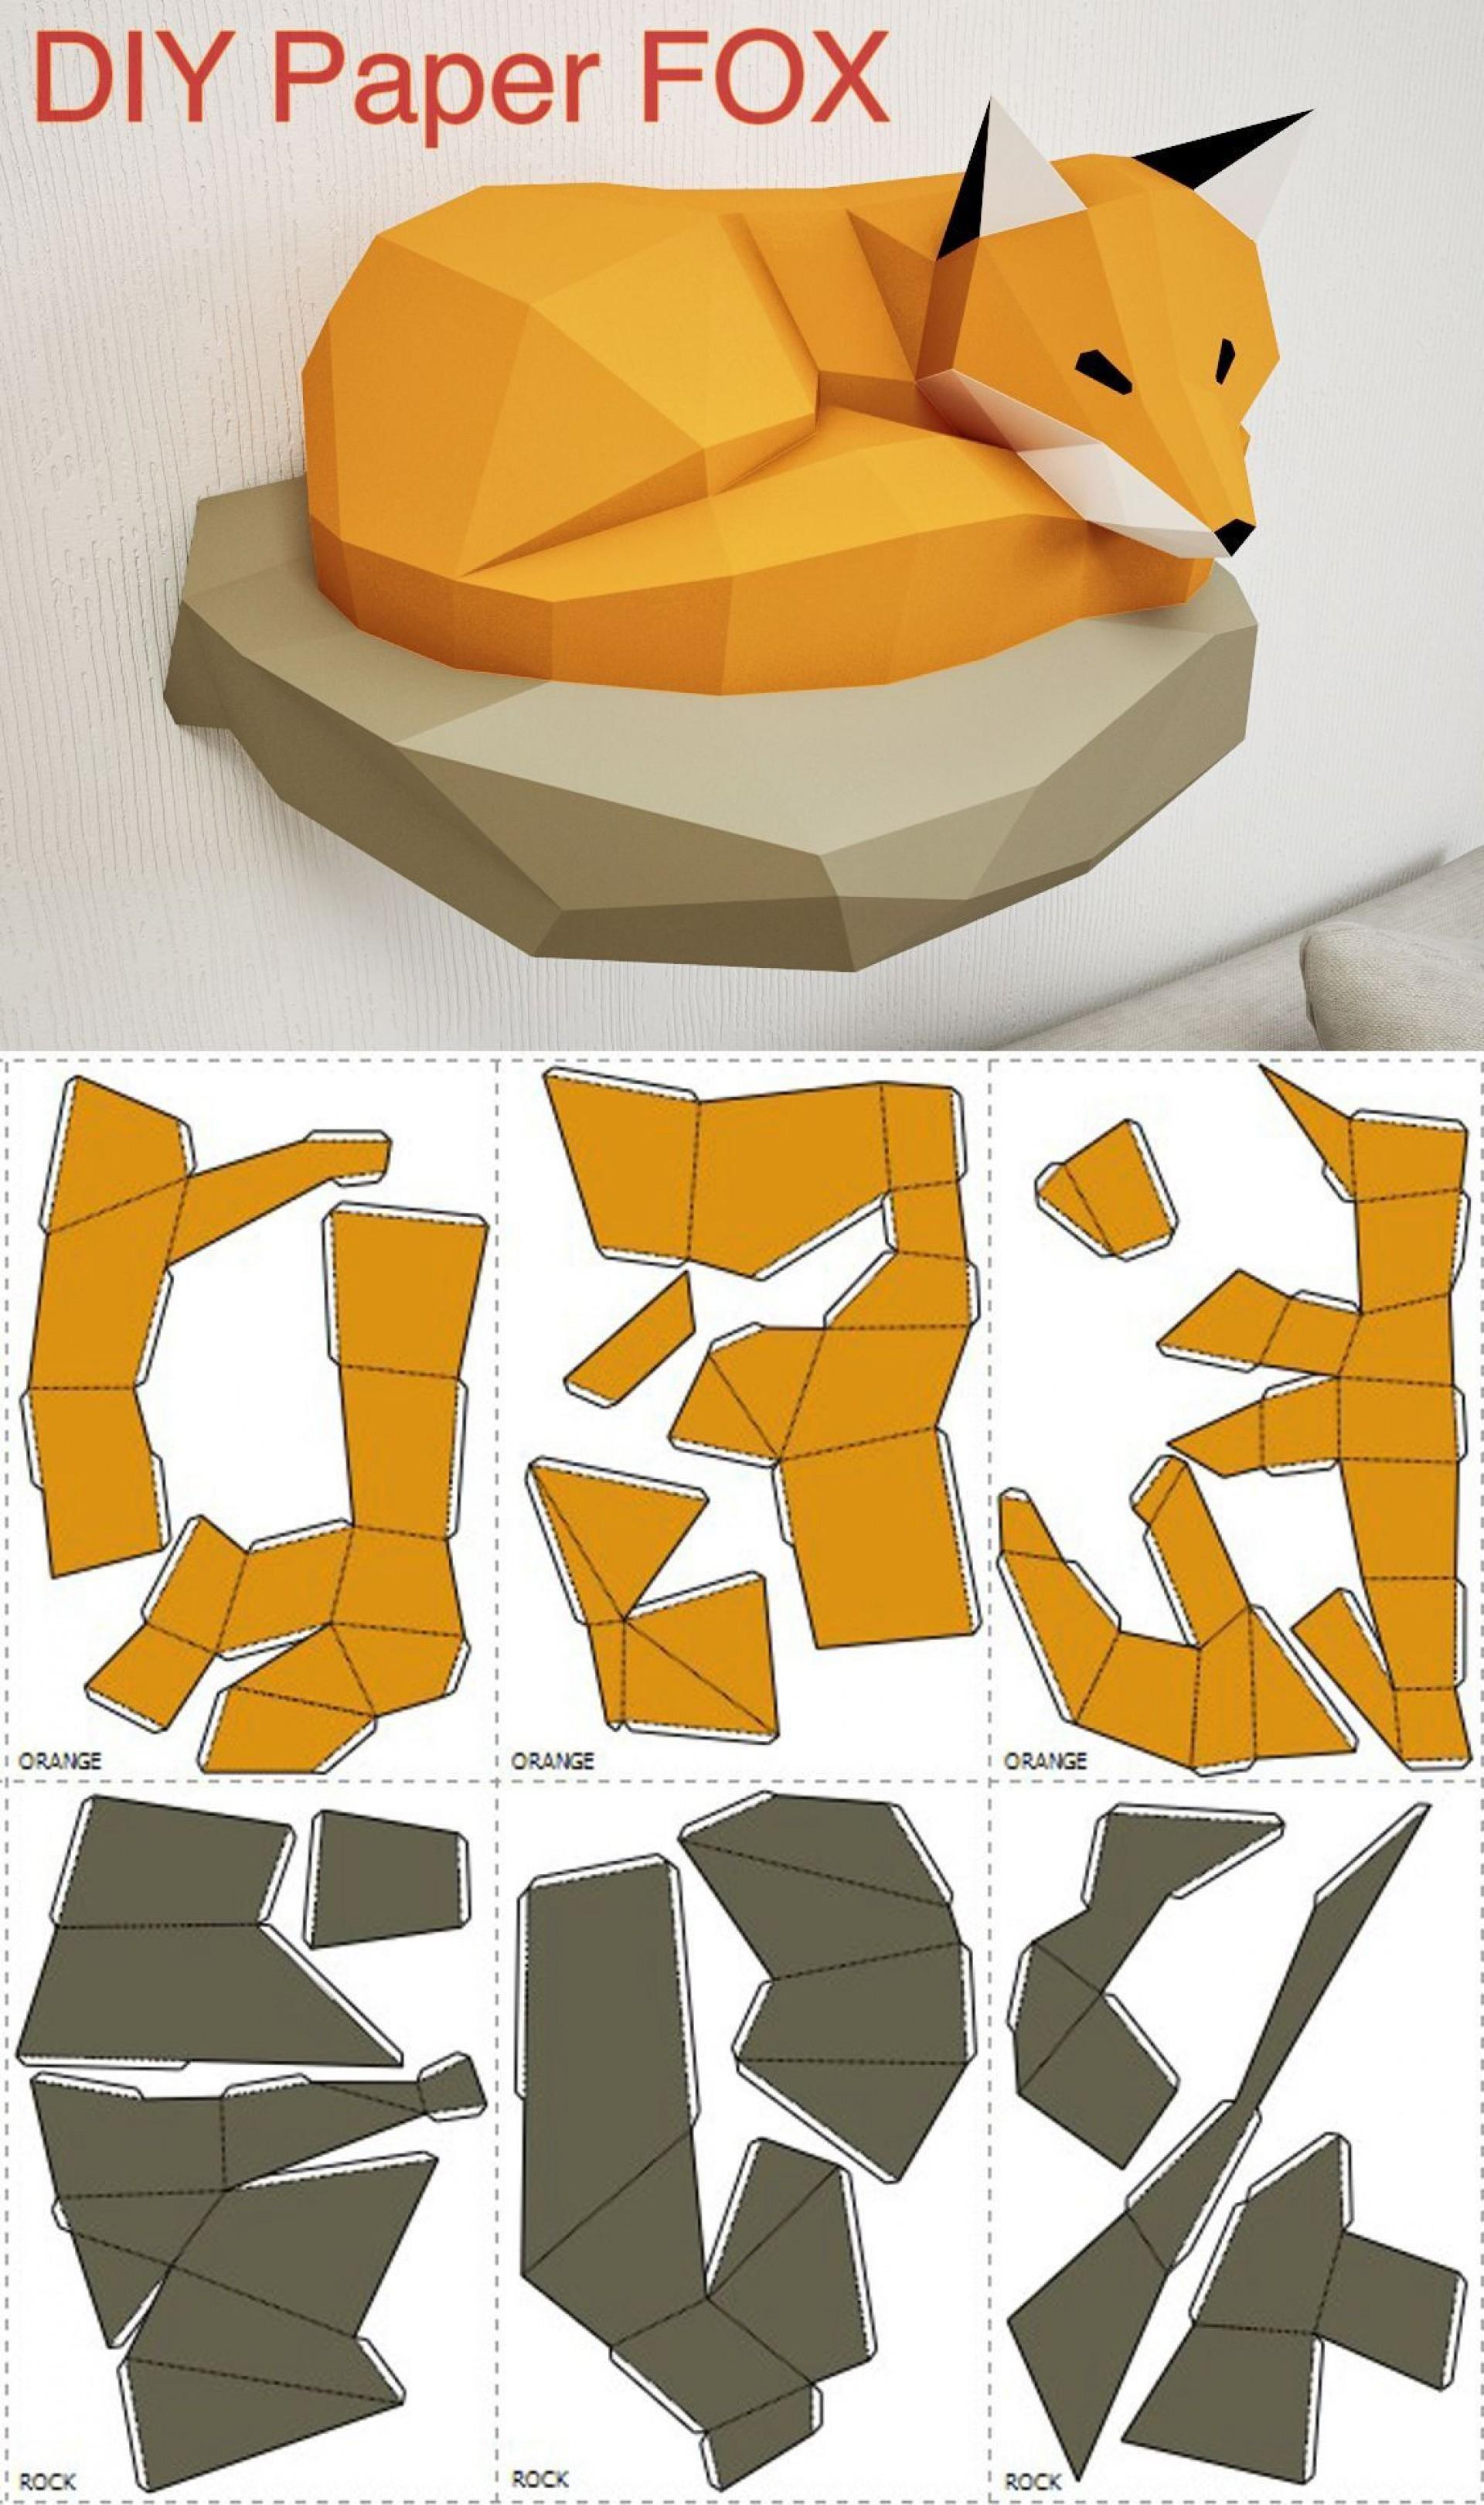 005 Magnificent 3d Paper Art Template Picture  Templates Pdf1920